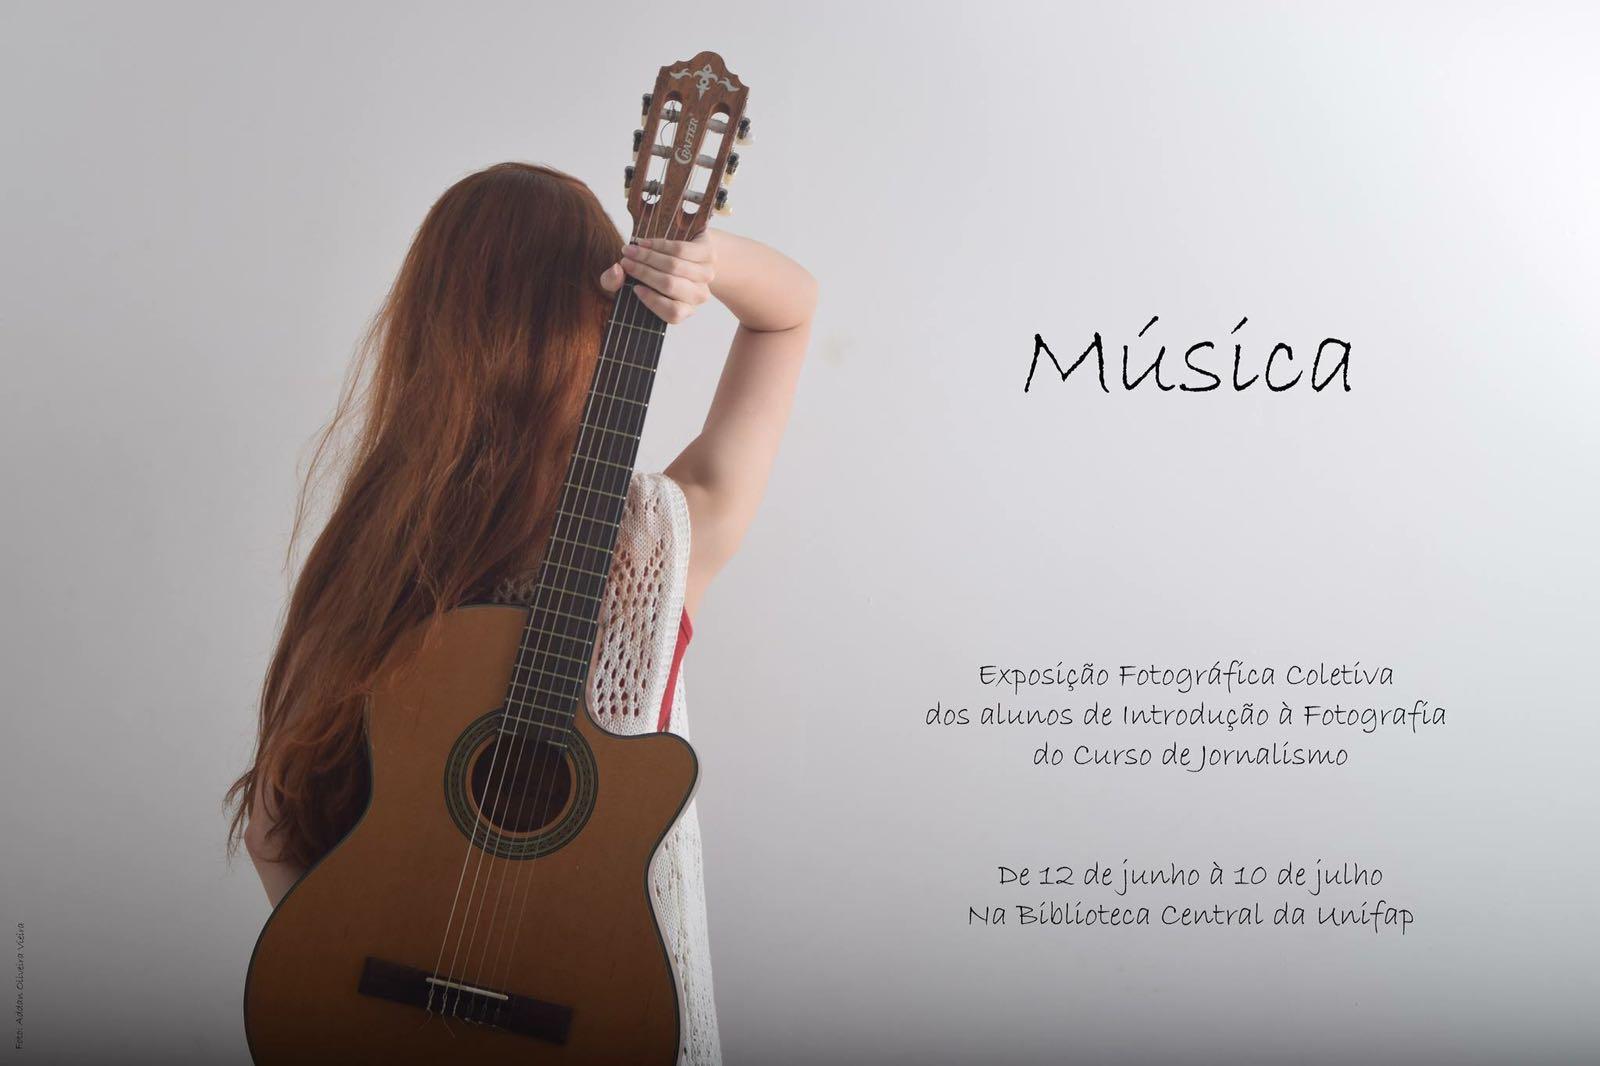 exposição- alunos de jornalismo- professora Luciana Macedo